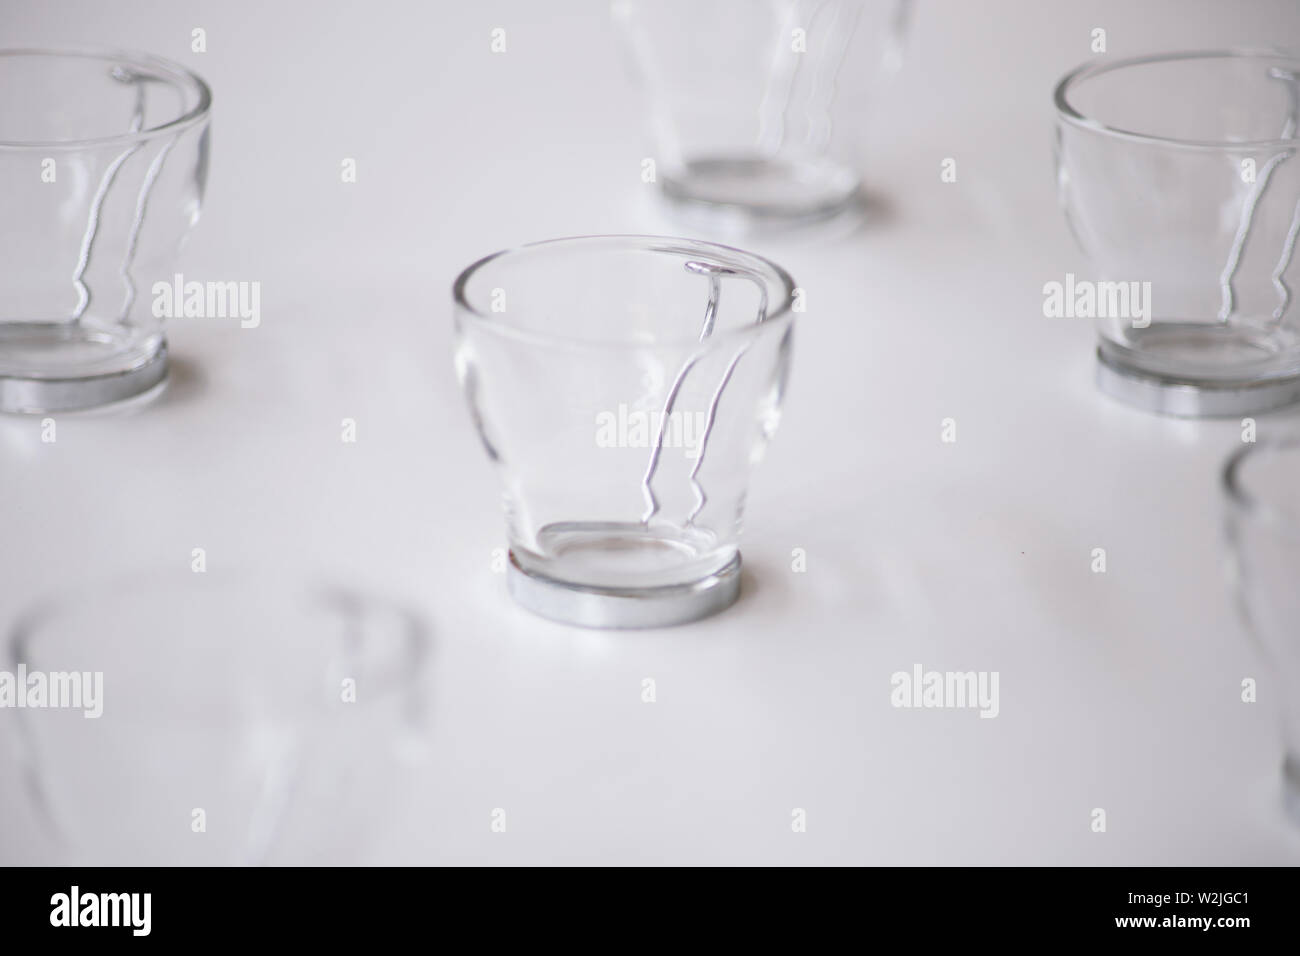 Close Up Cappuccino tasse à café en verre avec poignée en métal sur le tableau blanc. copy space Photo Stock